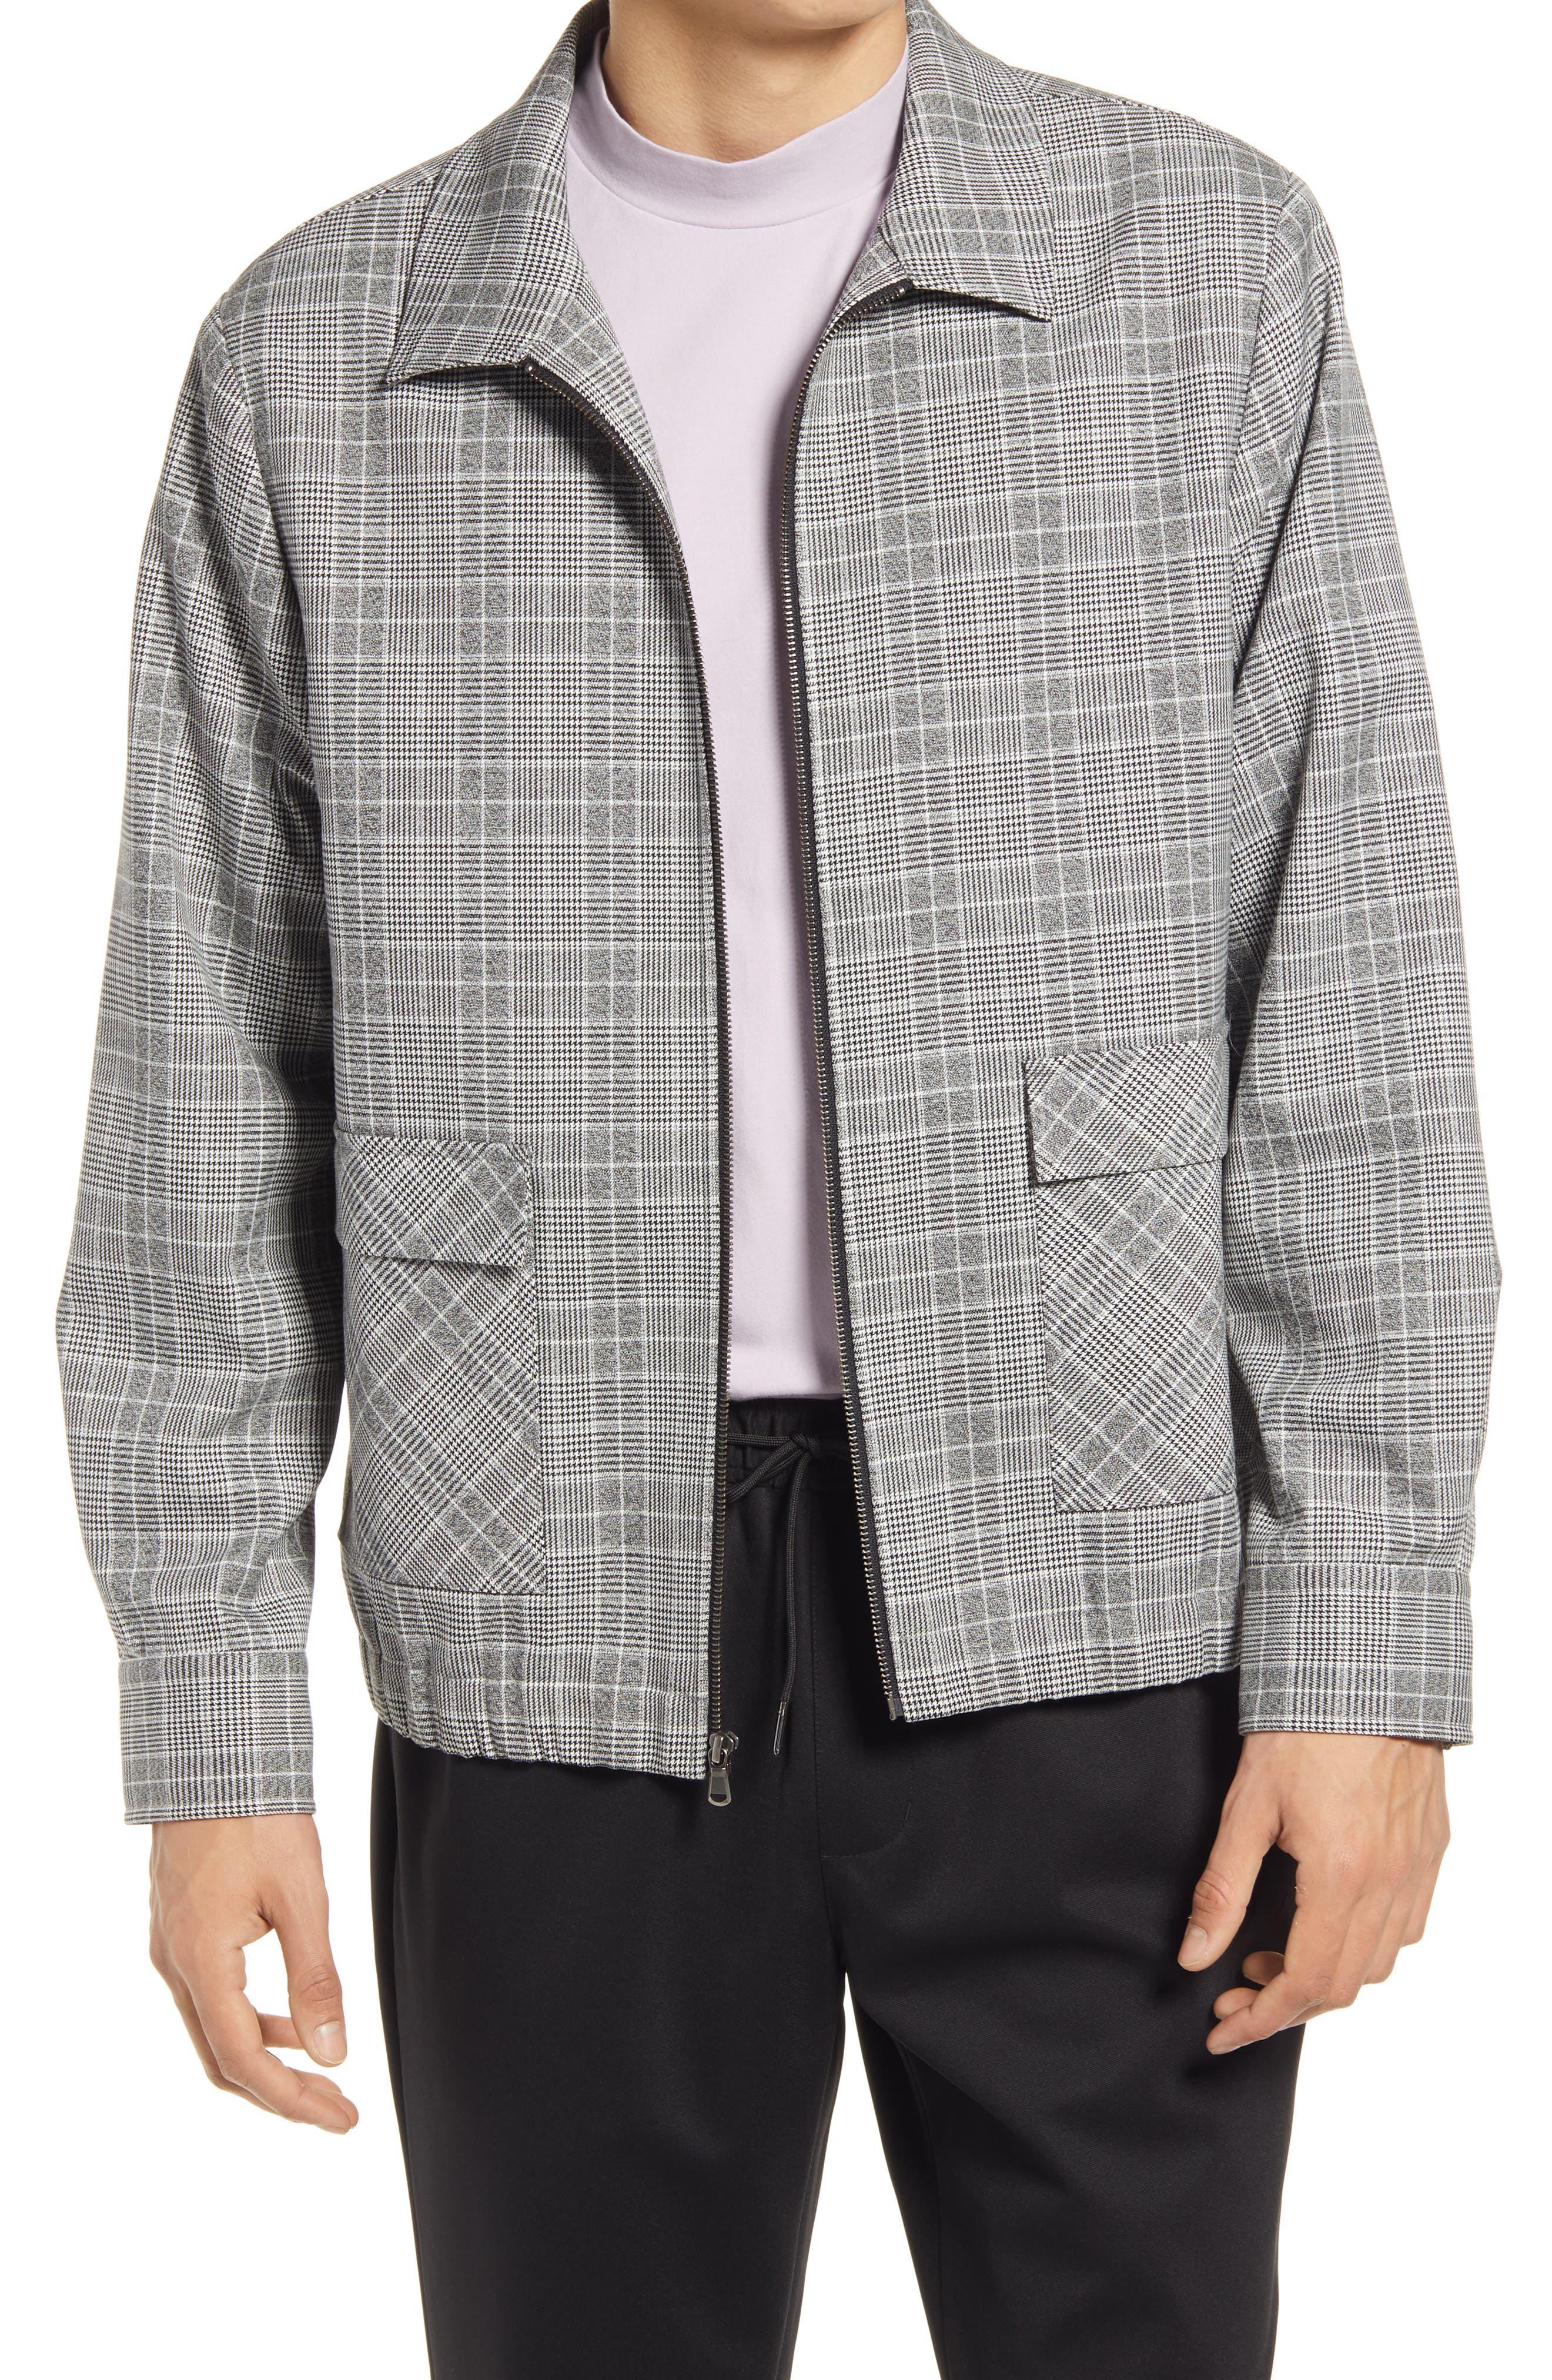 50s Men's Jackets | Greaser Jackets, Leather, Bomber, Gabardine Mens Open Edit Collar Bomber Jacket Size XX-Large - Black $64.35 AT vintagedancer.com